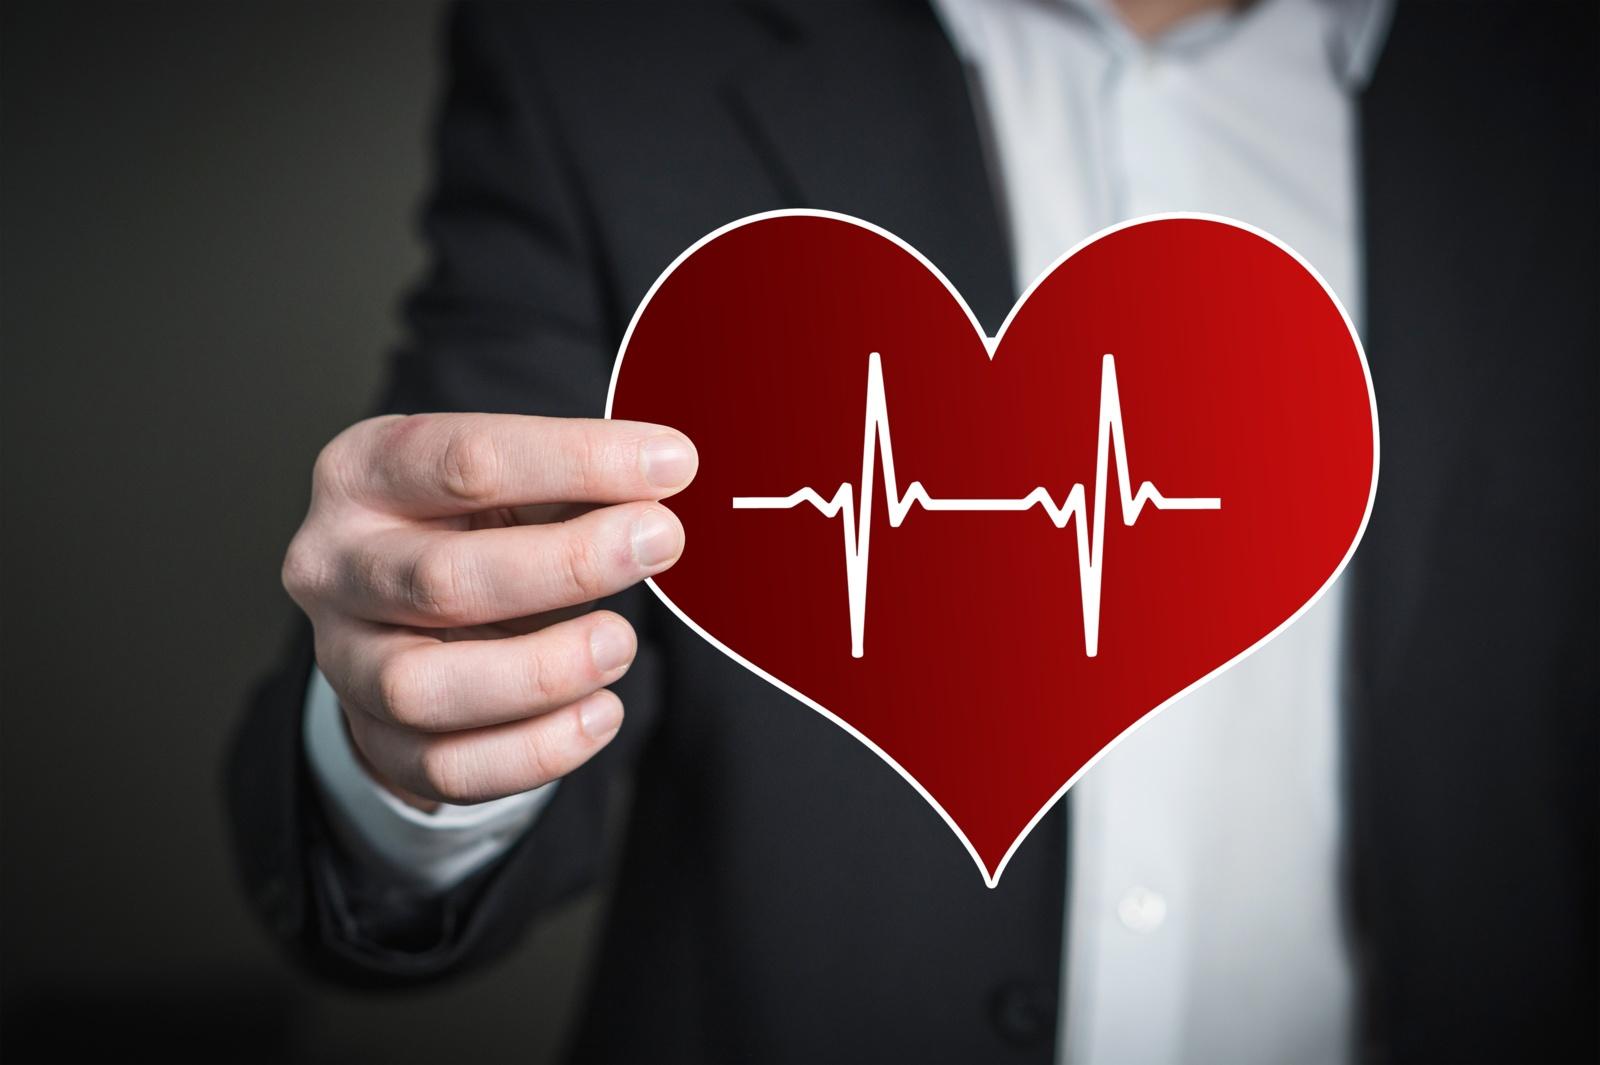 Kraujospūdis ir širdies ritmas: lemtingi veiksniai, iš kurių galima apibūdinti net charakterį